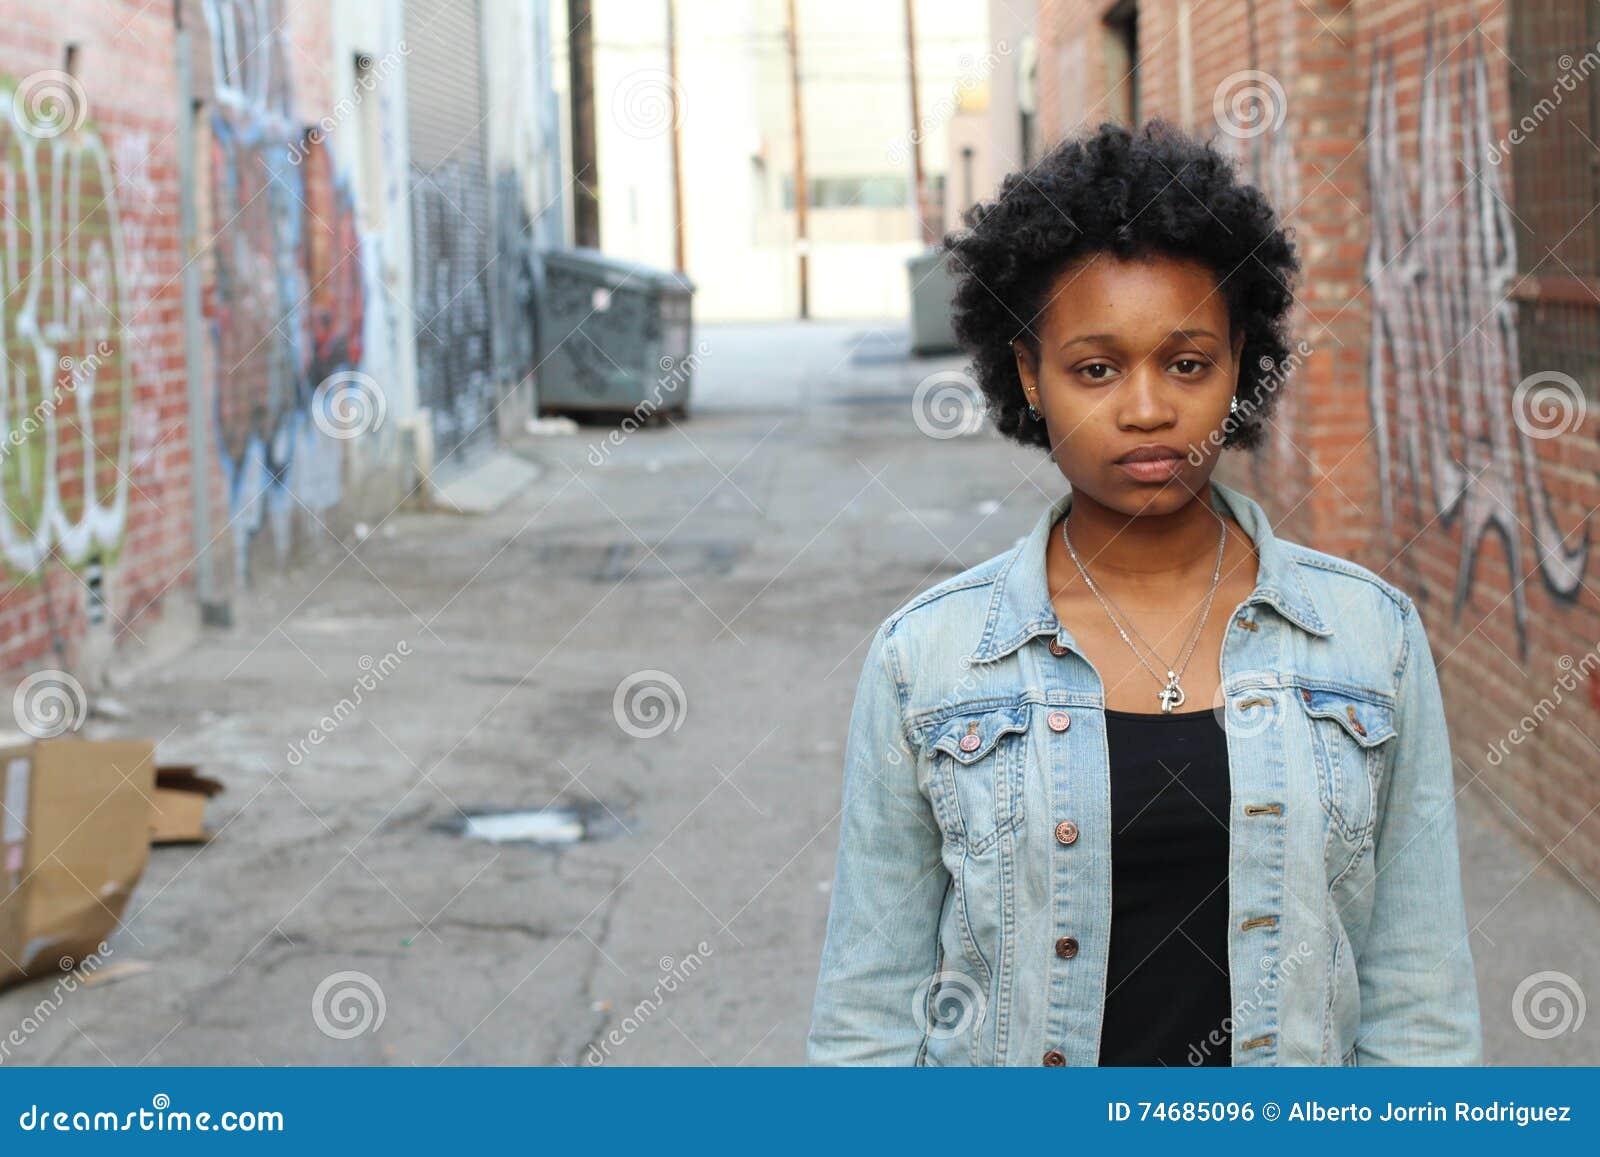 家庭暴力,显示悲伤的被虐待的和受伤的少妇画象户外与拷贝空间